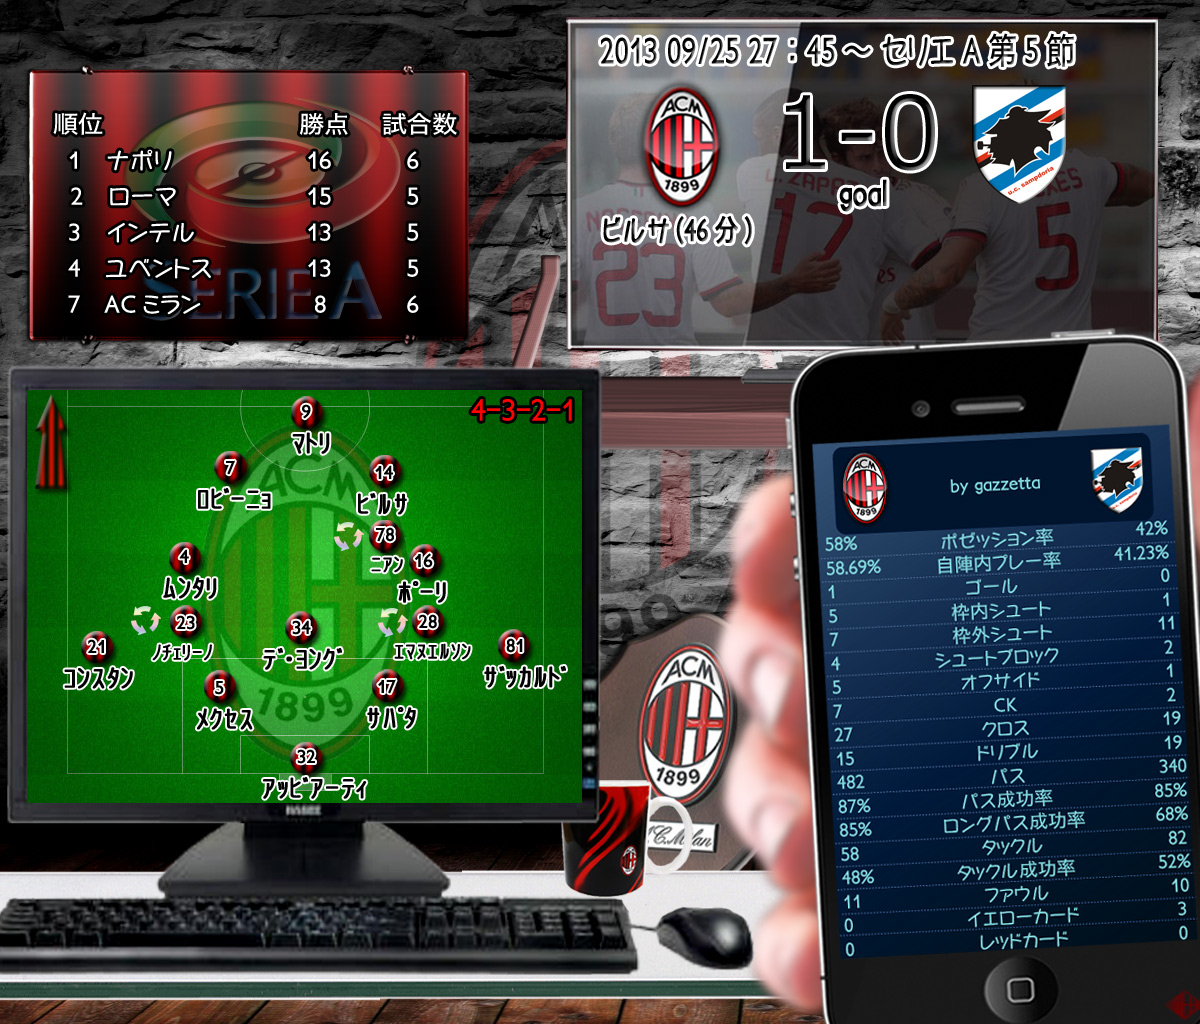 13-14_milan-sampdoria3.jpg